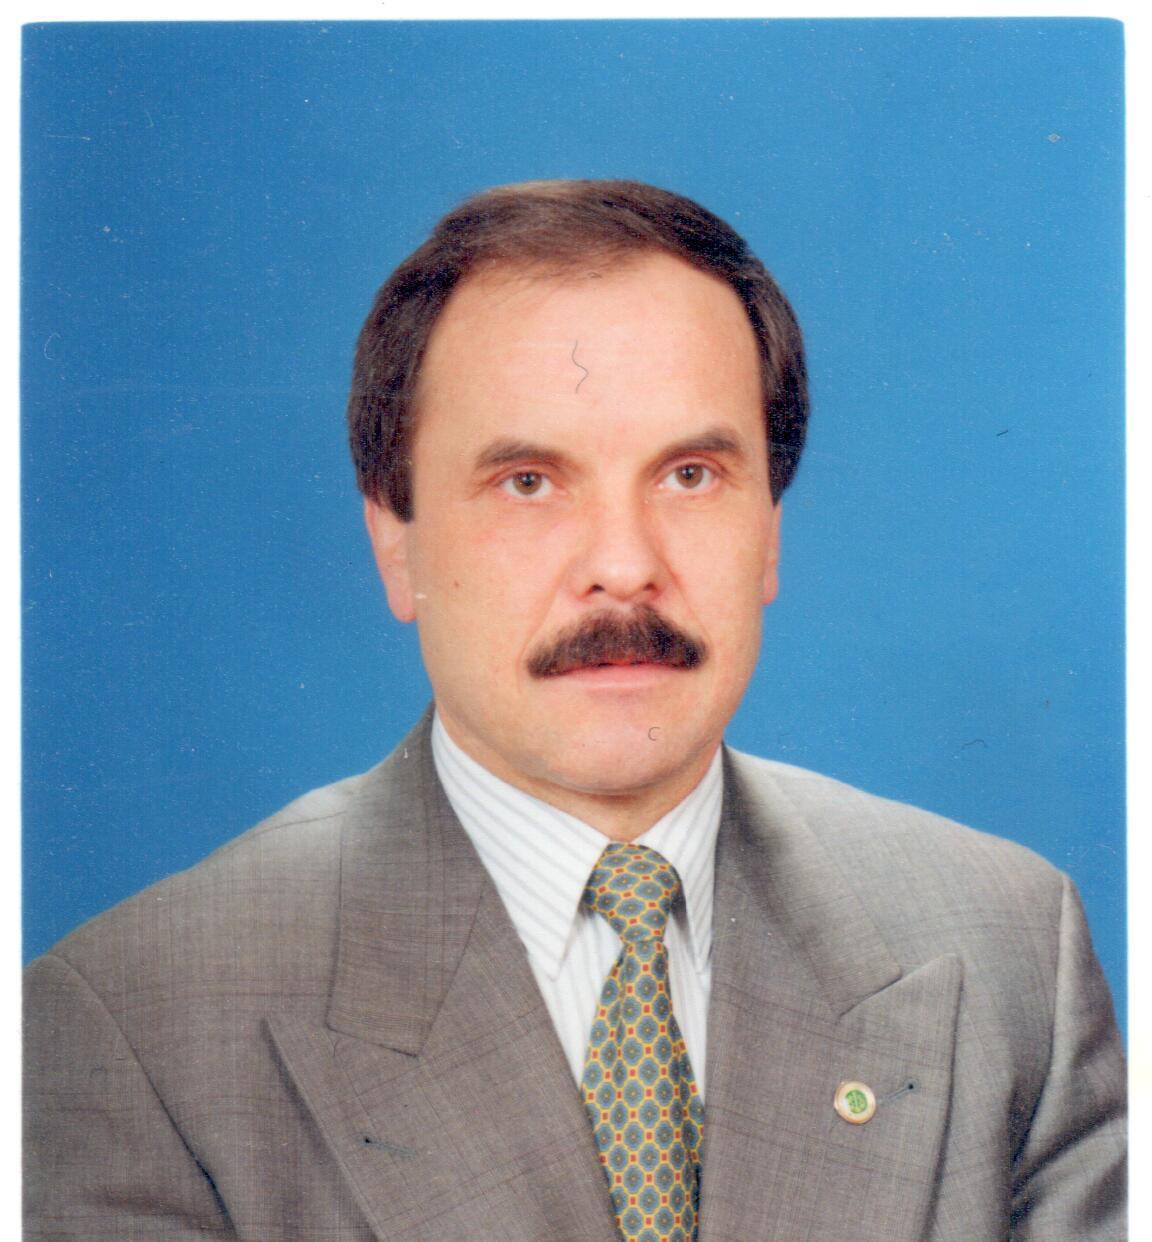 Doç.Dr. HÜSEYİN DİKME